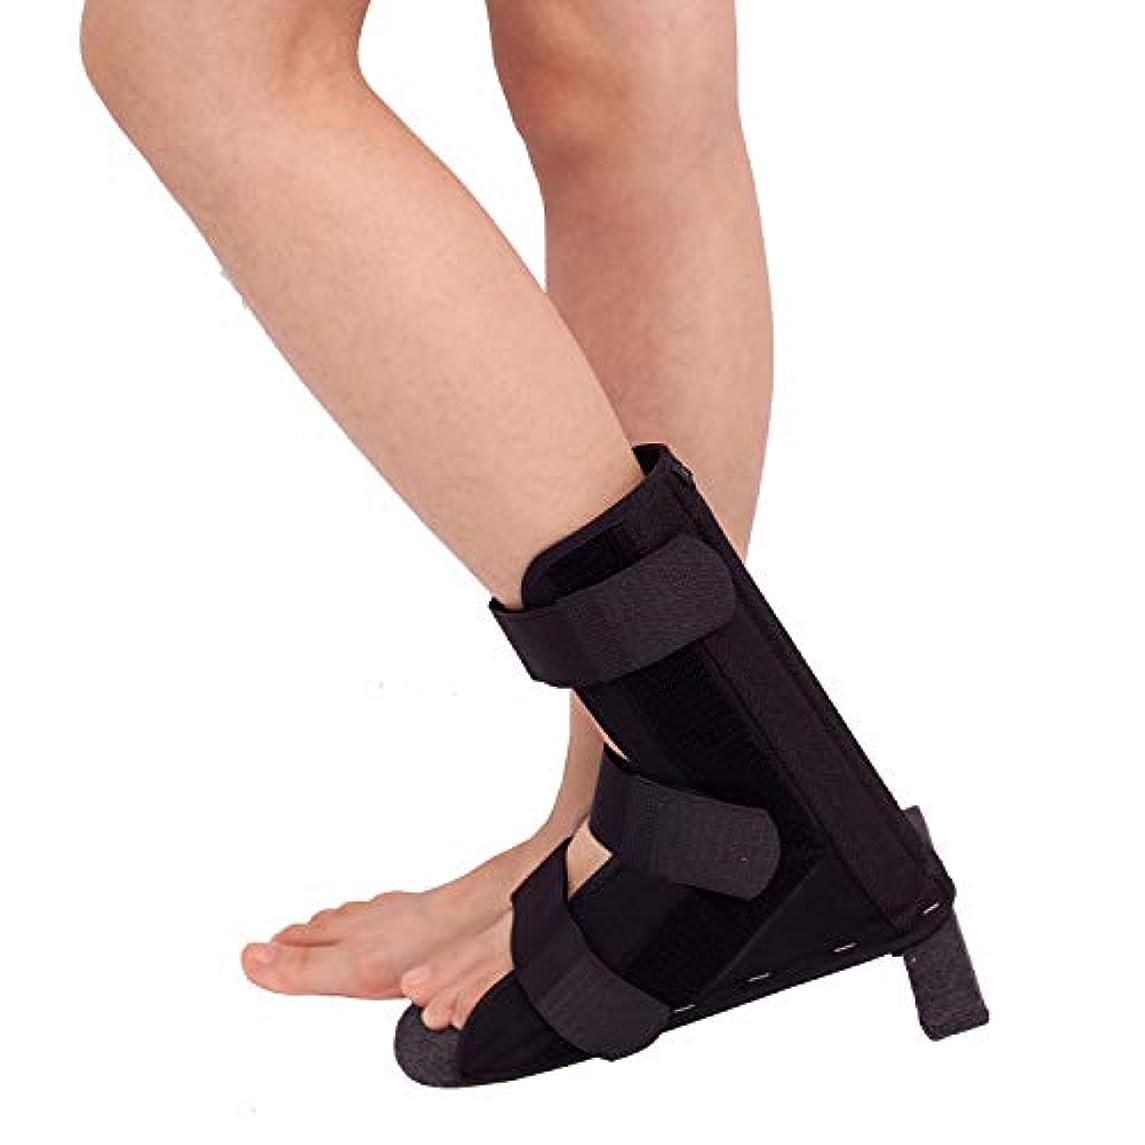 対ネーピア不規則性足首サポート ア、T字型靴、整形外科用靴、足首骨折、捻挫固定ブラケット (Size : L)